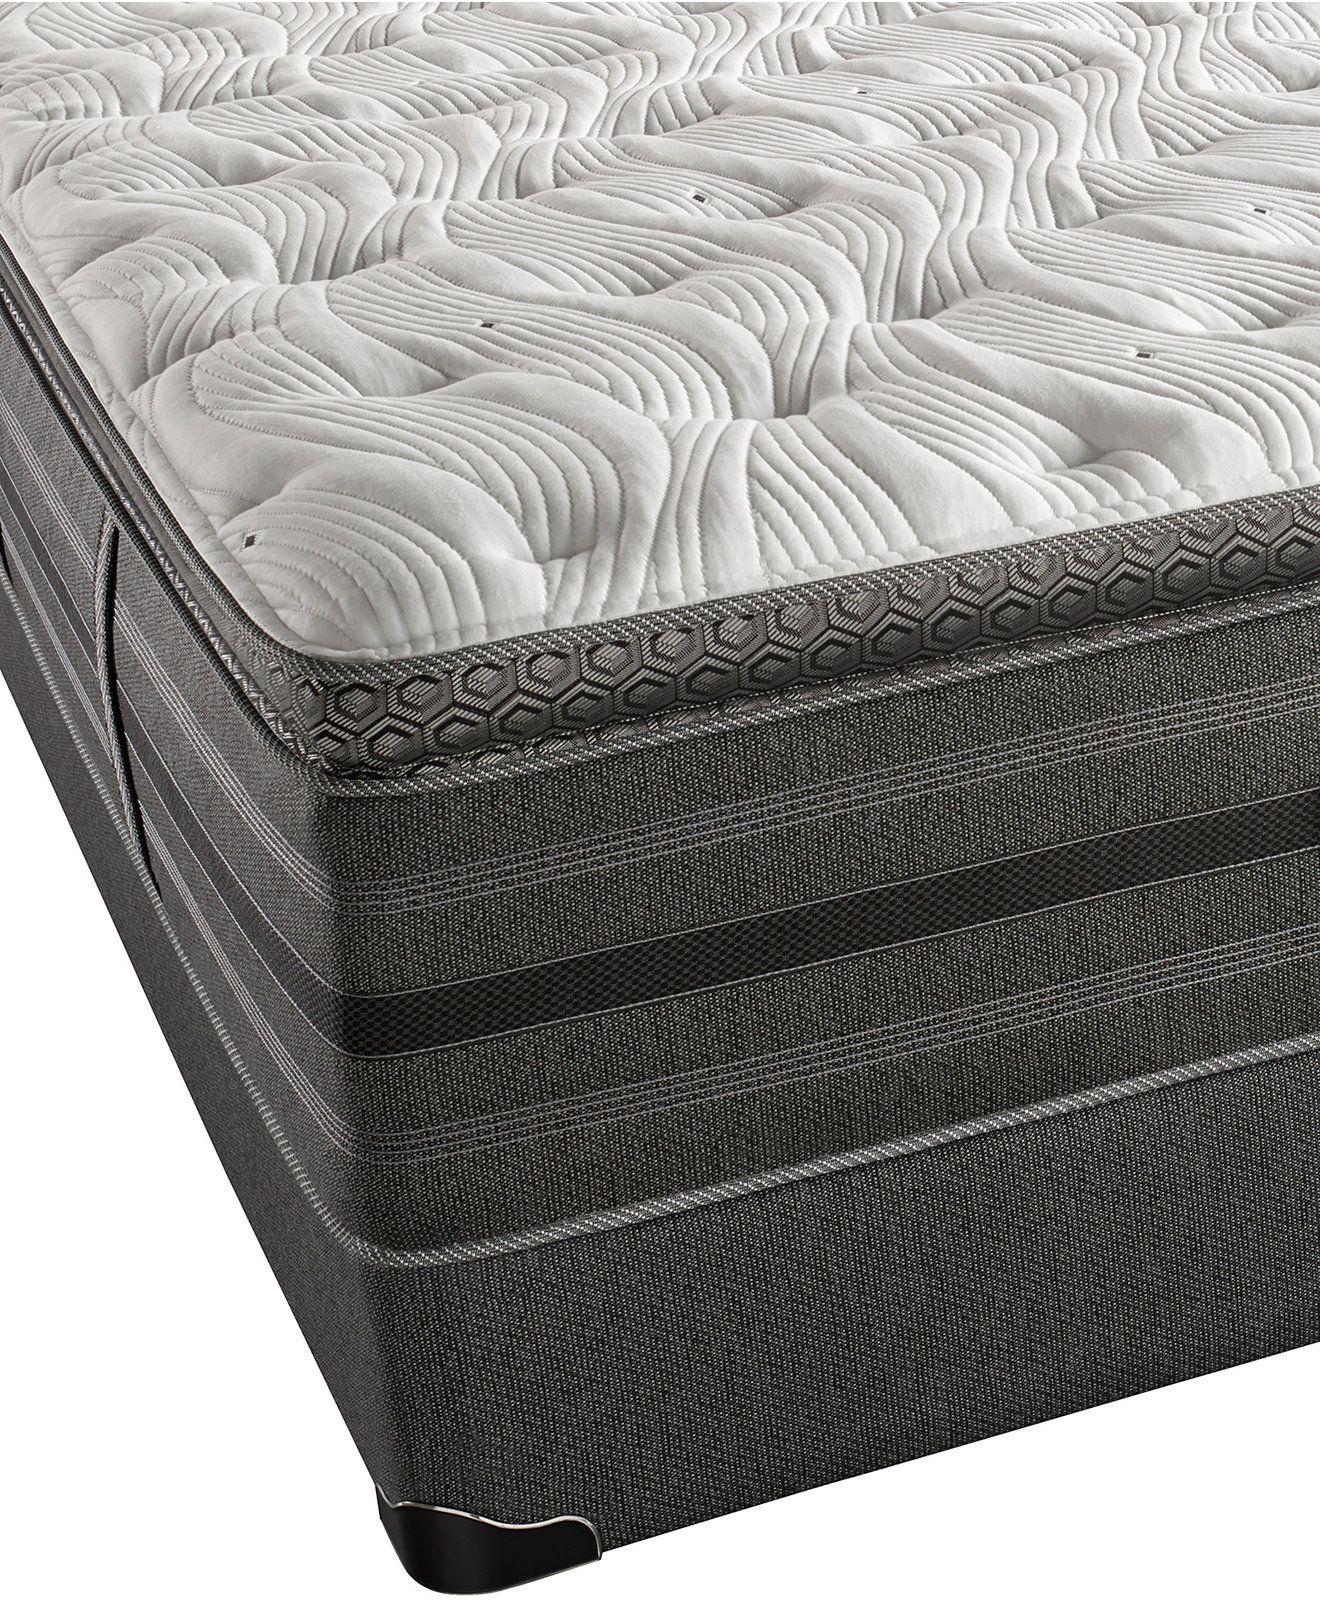 mattress-beautyrest-black-kassandra-fucked